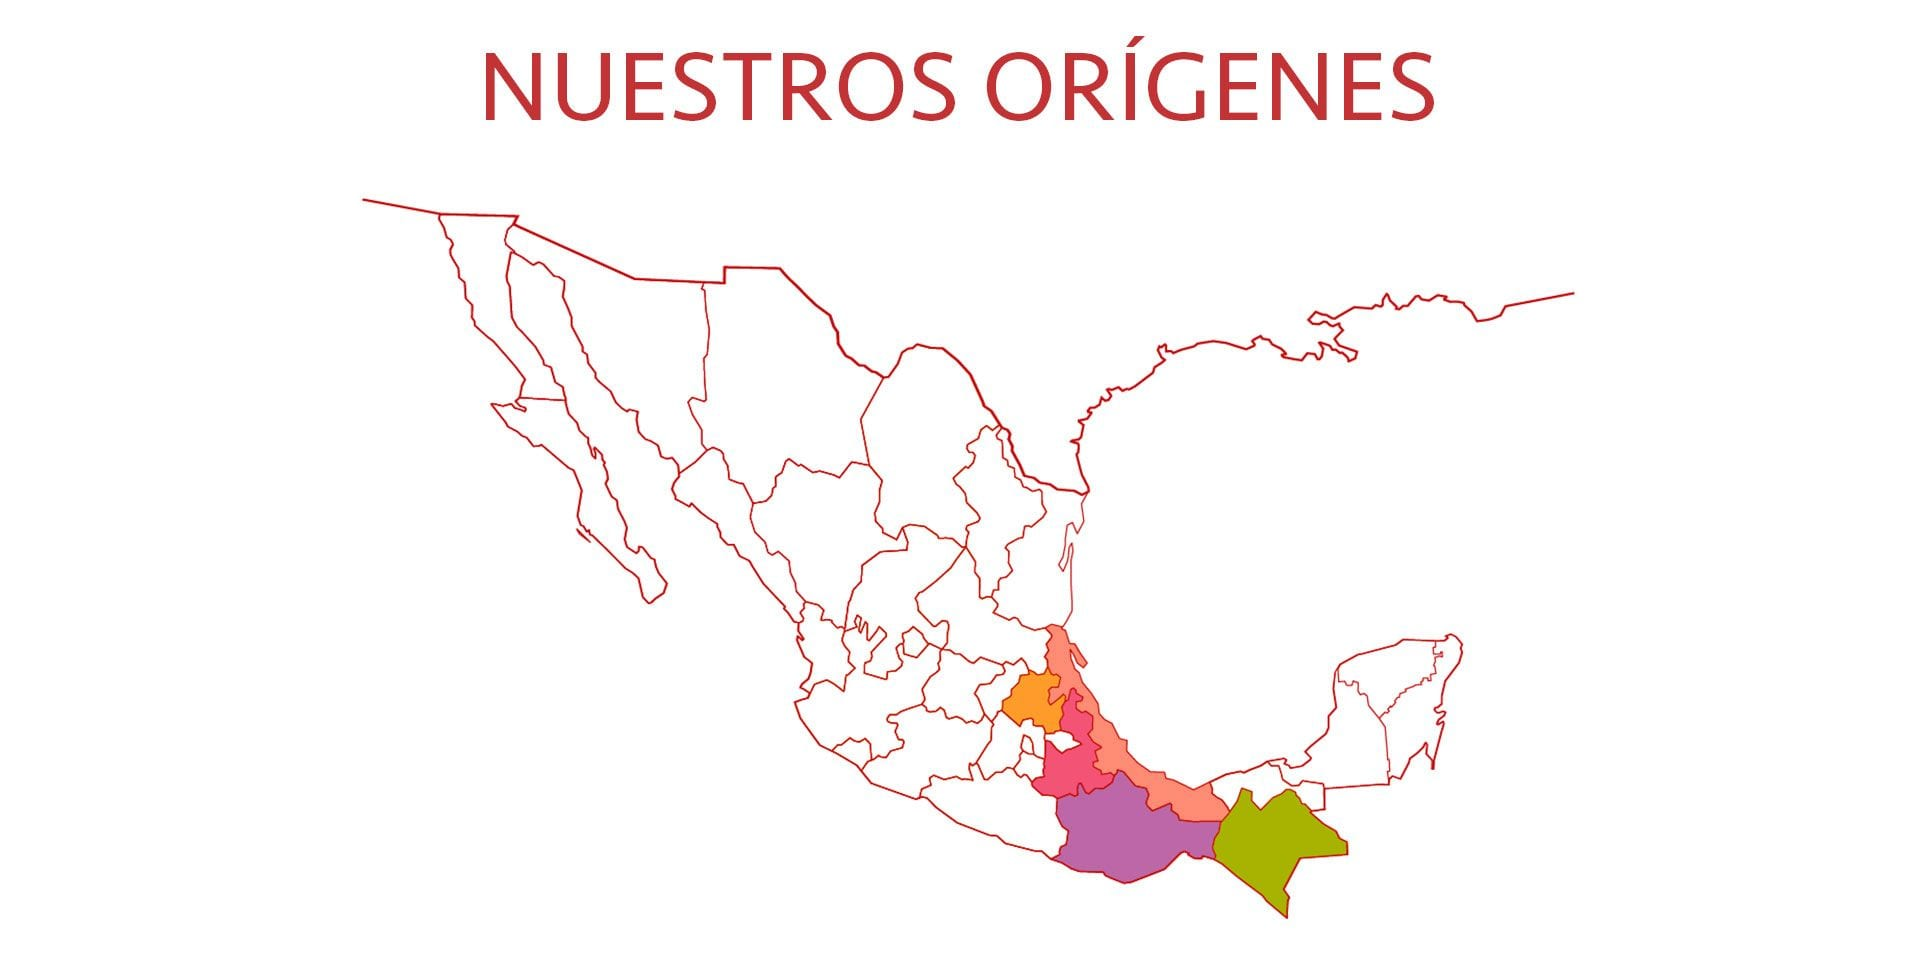 Nuestros Orígenes Mapa